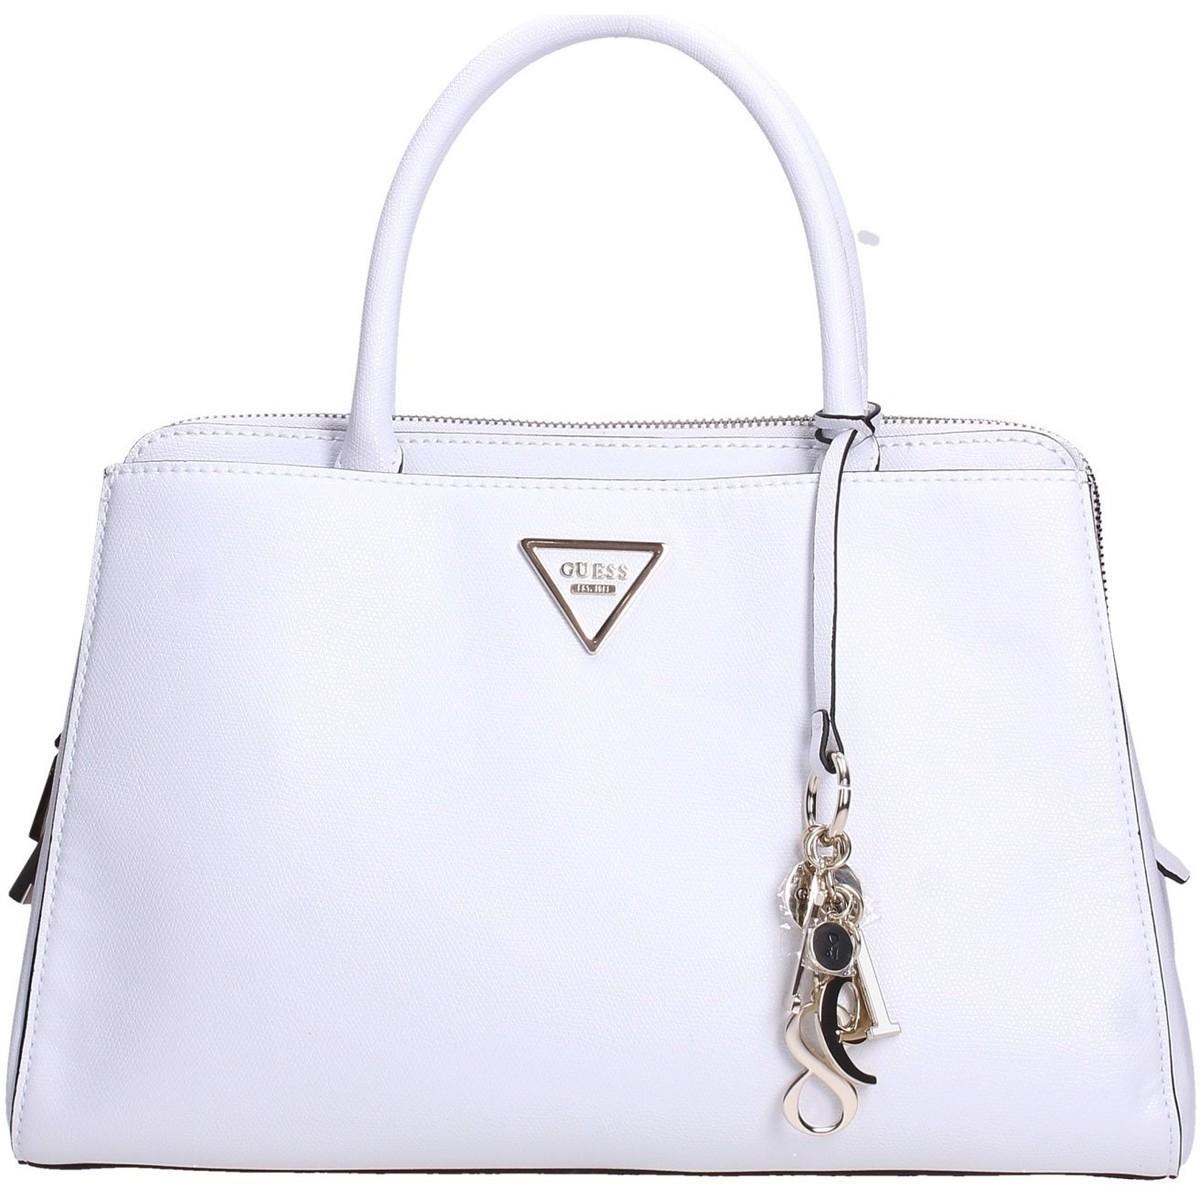 sac a main desigual blanc,sac blanc et noir guess,sac a main